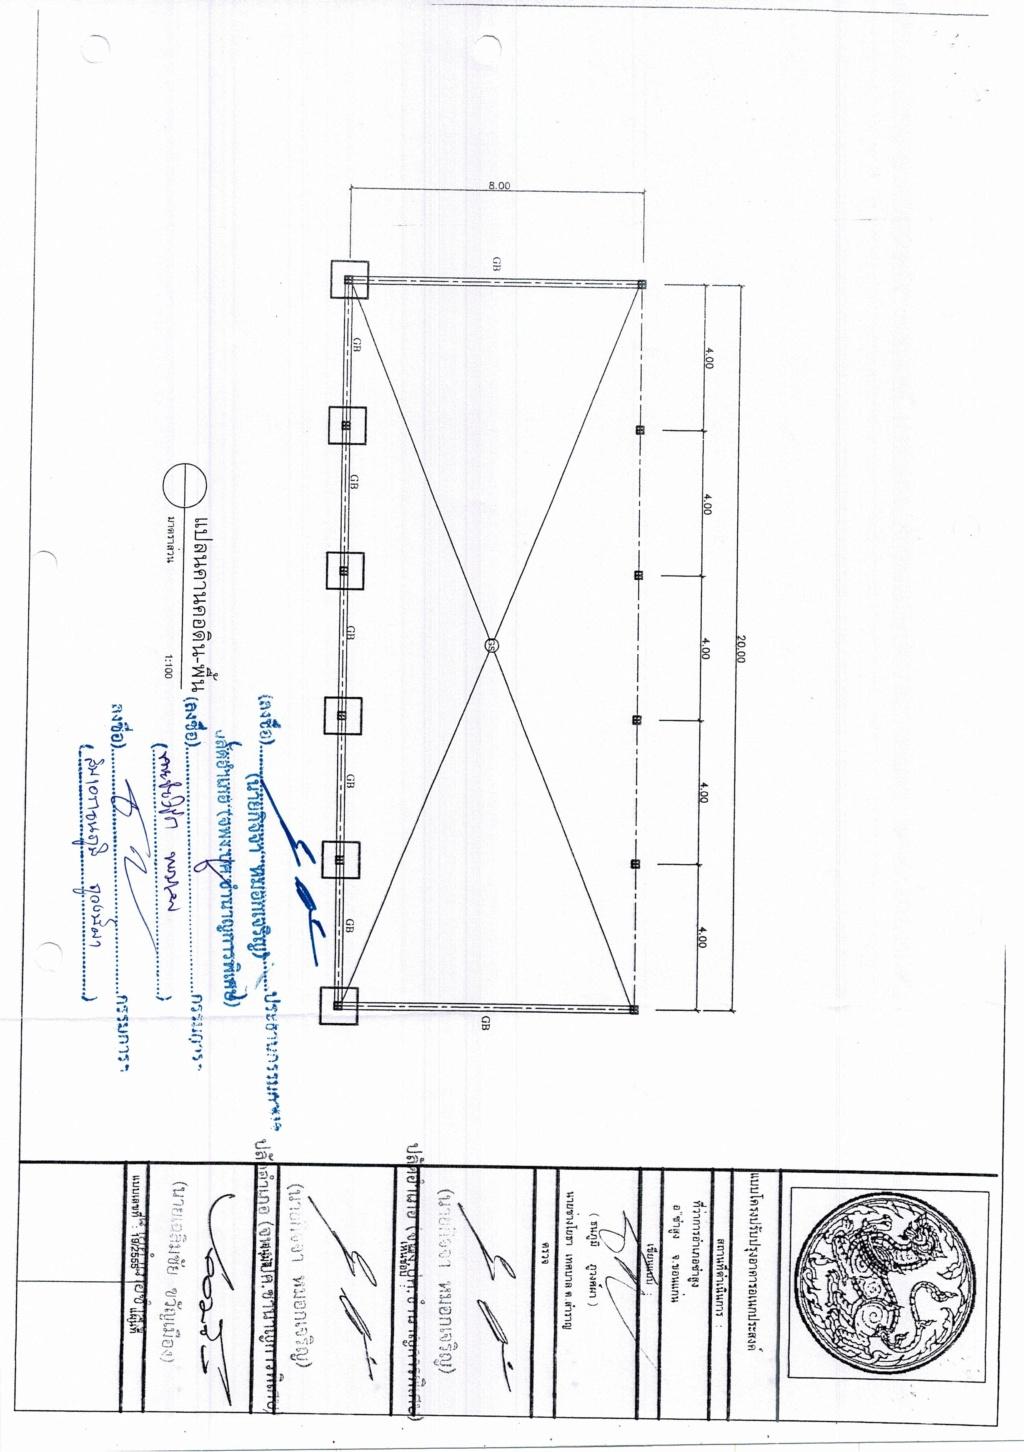 โครงการปรับปรุงอาคารหอประชุม อำเภอซำสูง จังหวัดขอนแก่น ประจำปีงบประมาณ 2563   Cci_0022